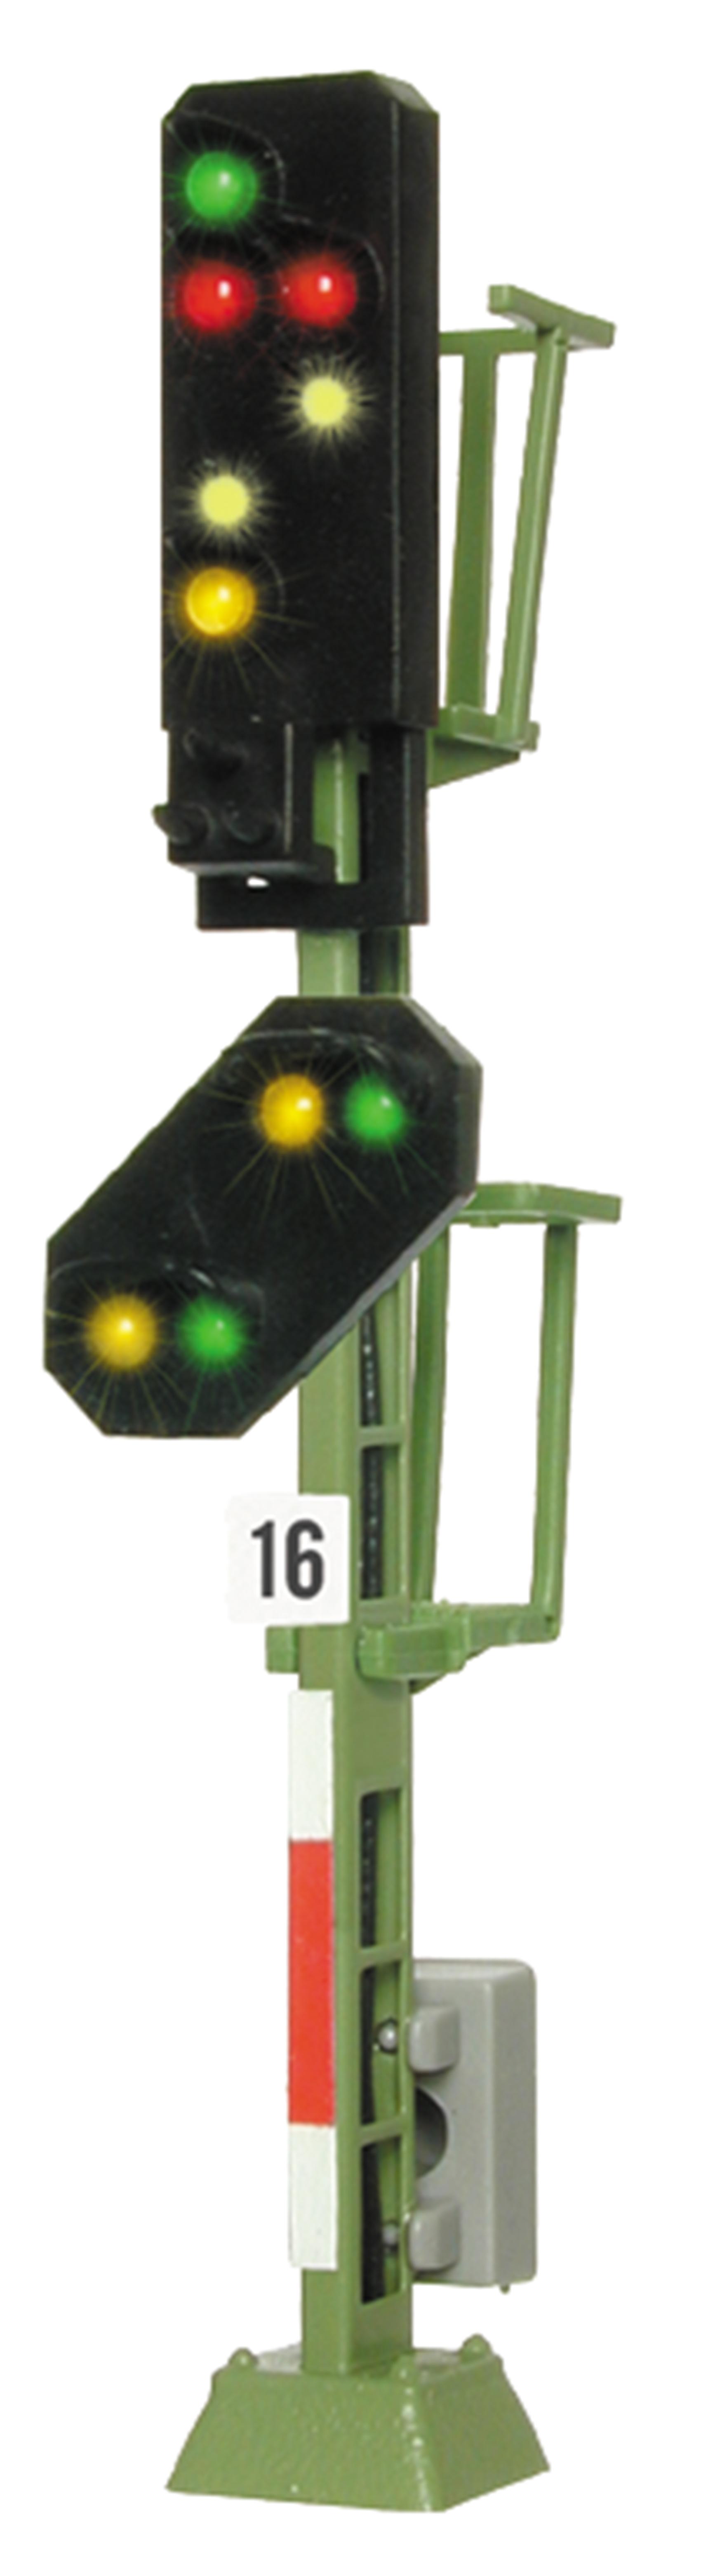 Viessmann 4916 <br/>Licht-Ausfahrsignal mit Vor-Signal (DB 1969)